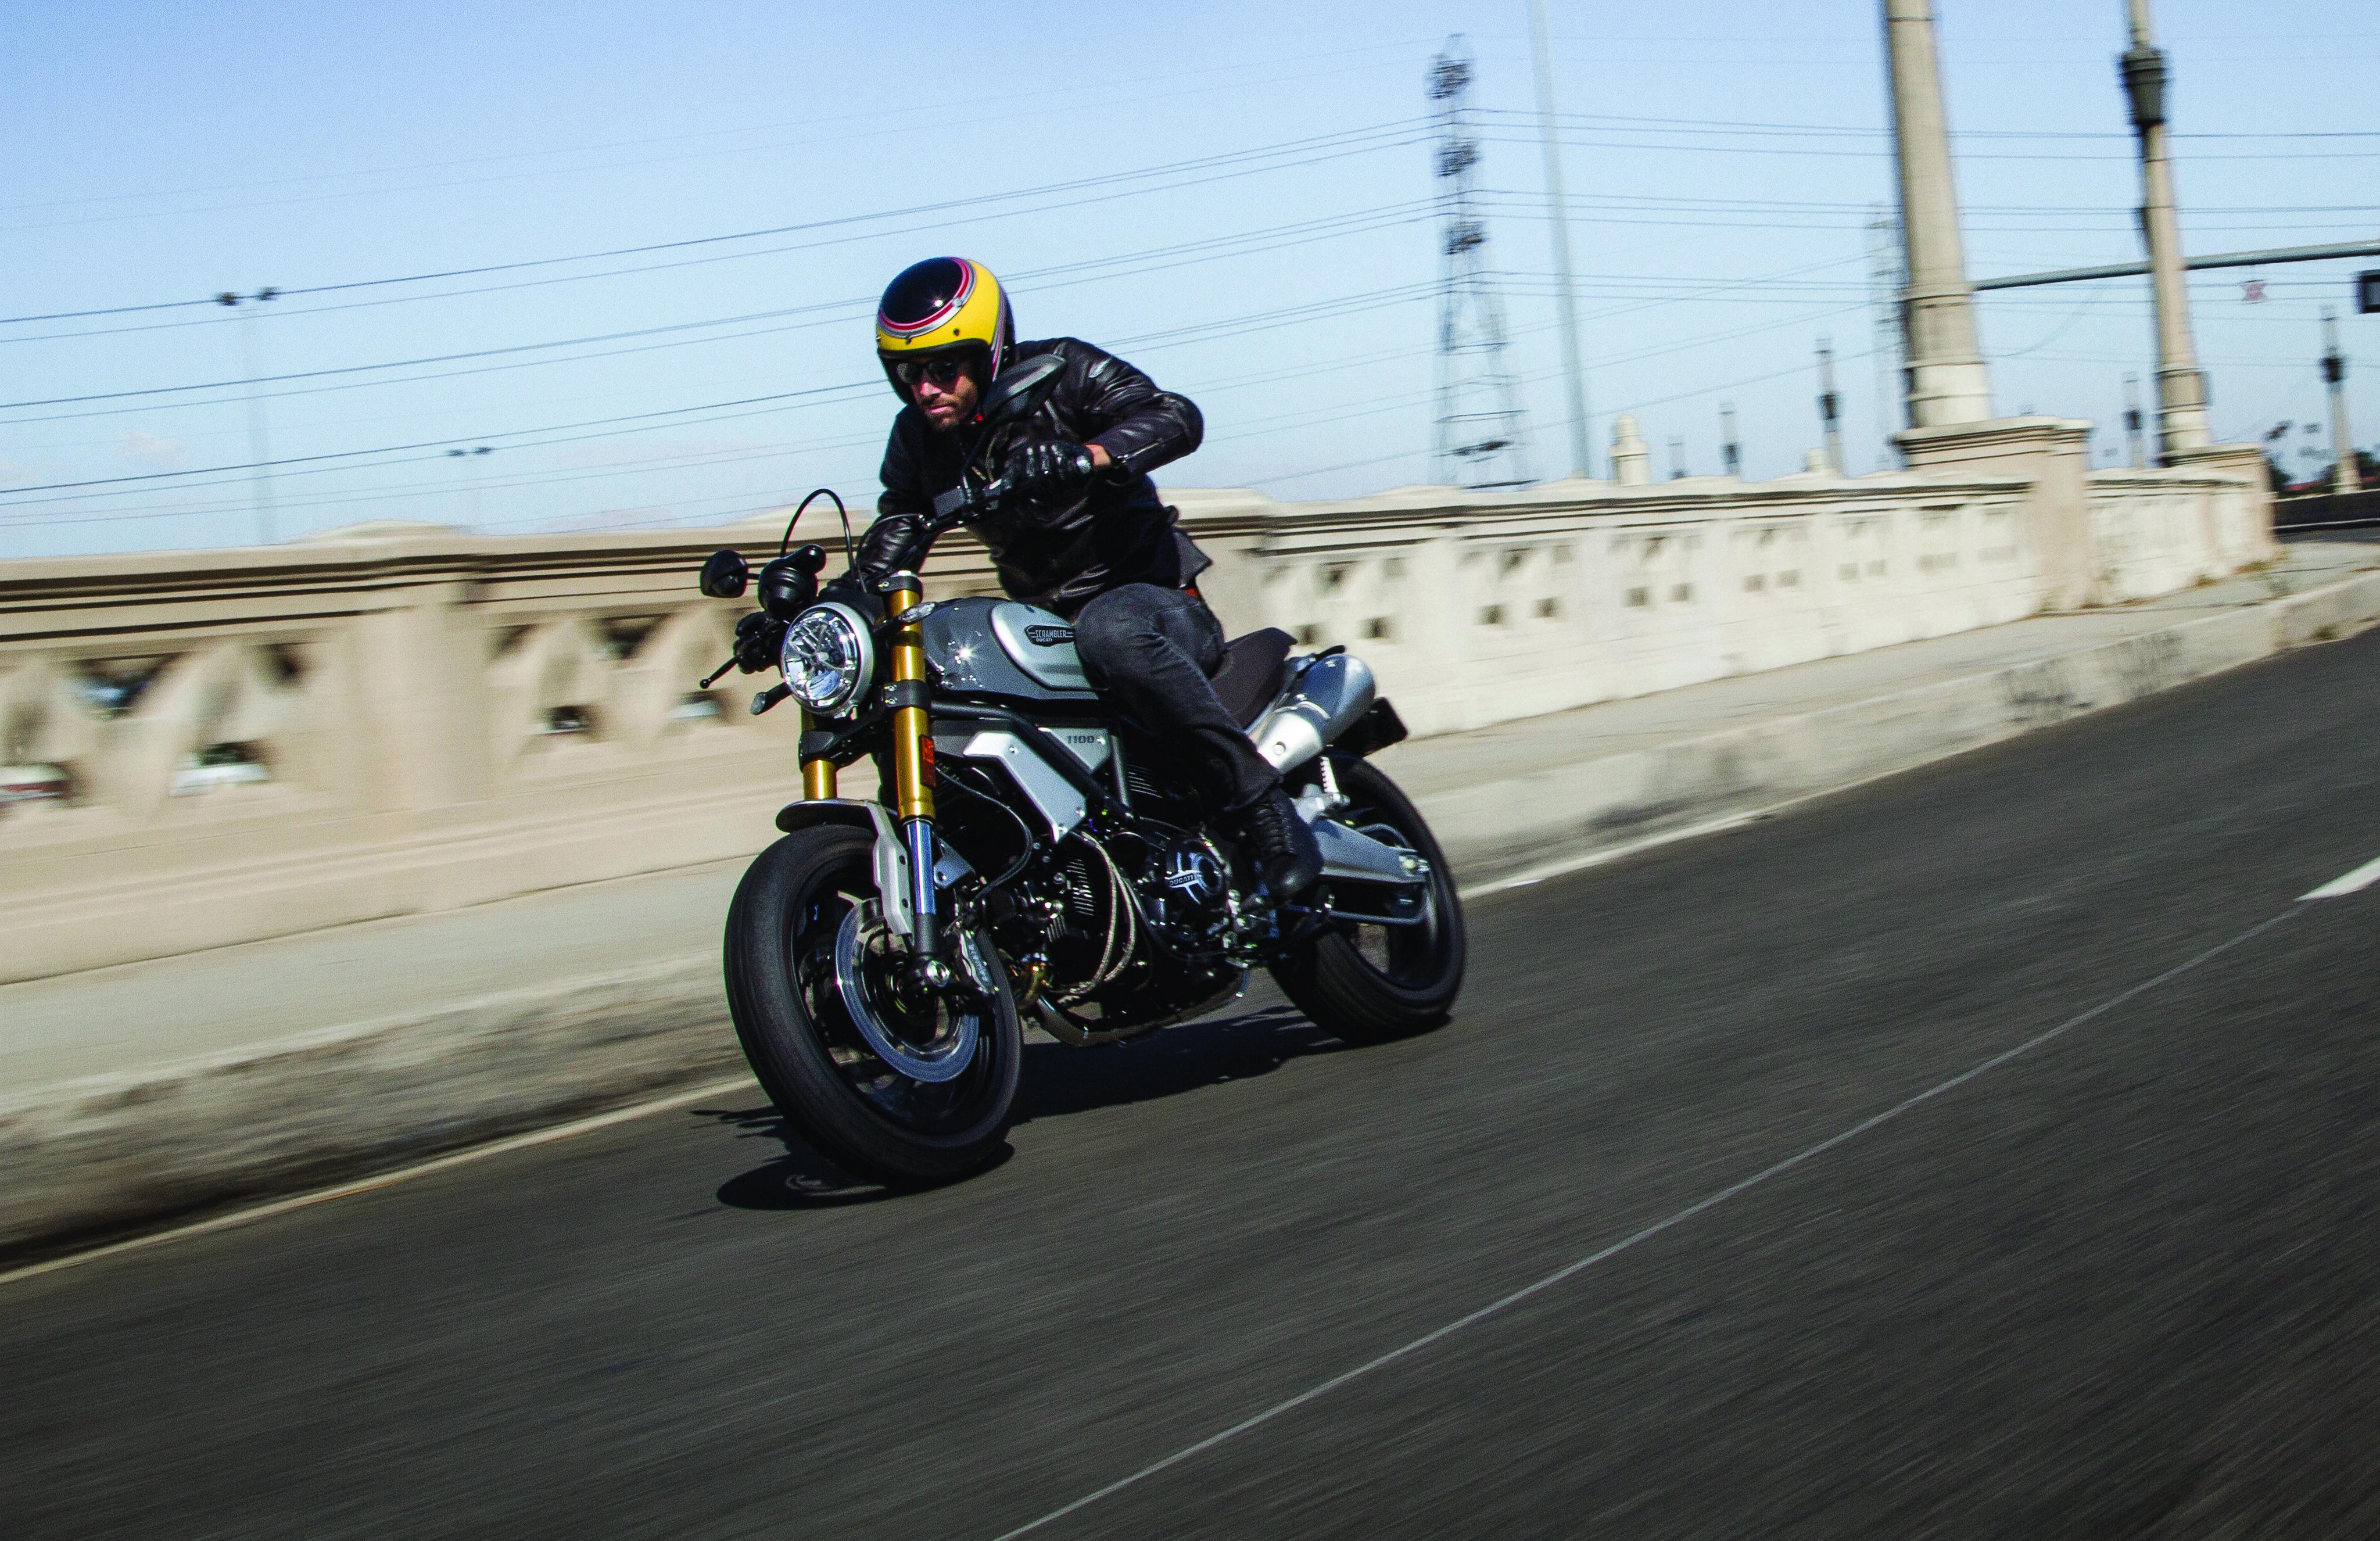 Ducati Scrambler 1100, HD Bikes, 4k Wallpapers, Images